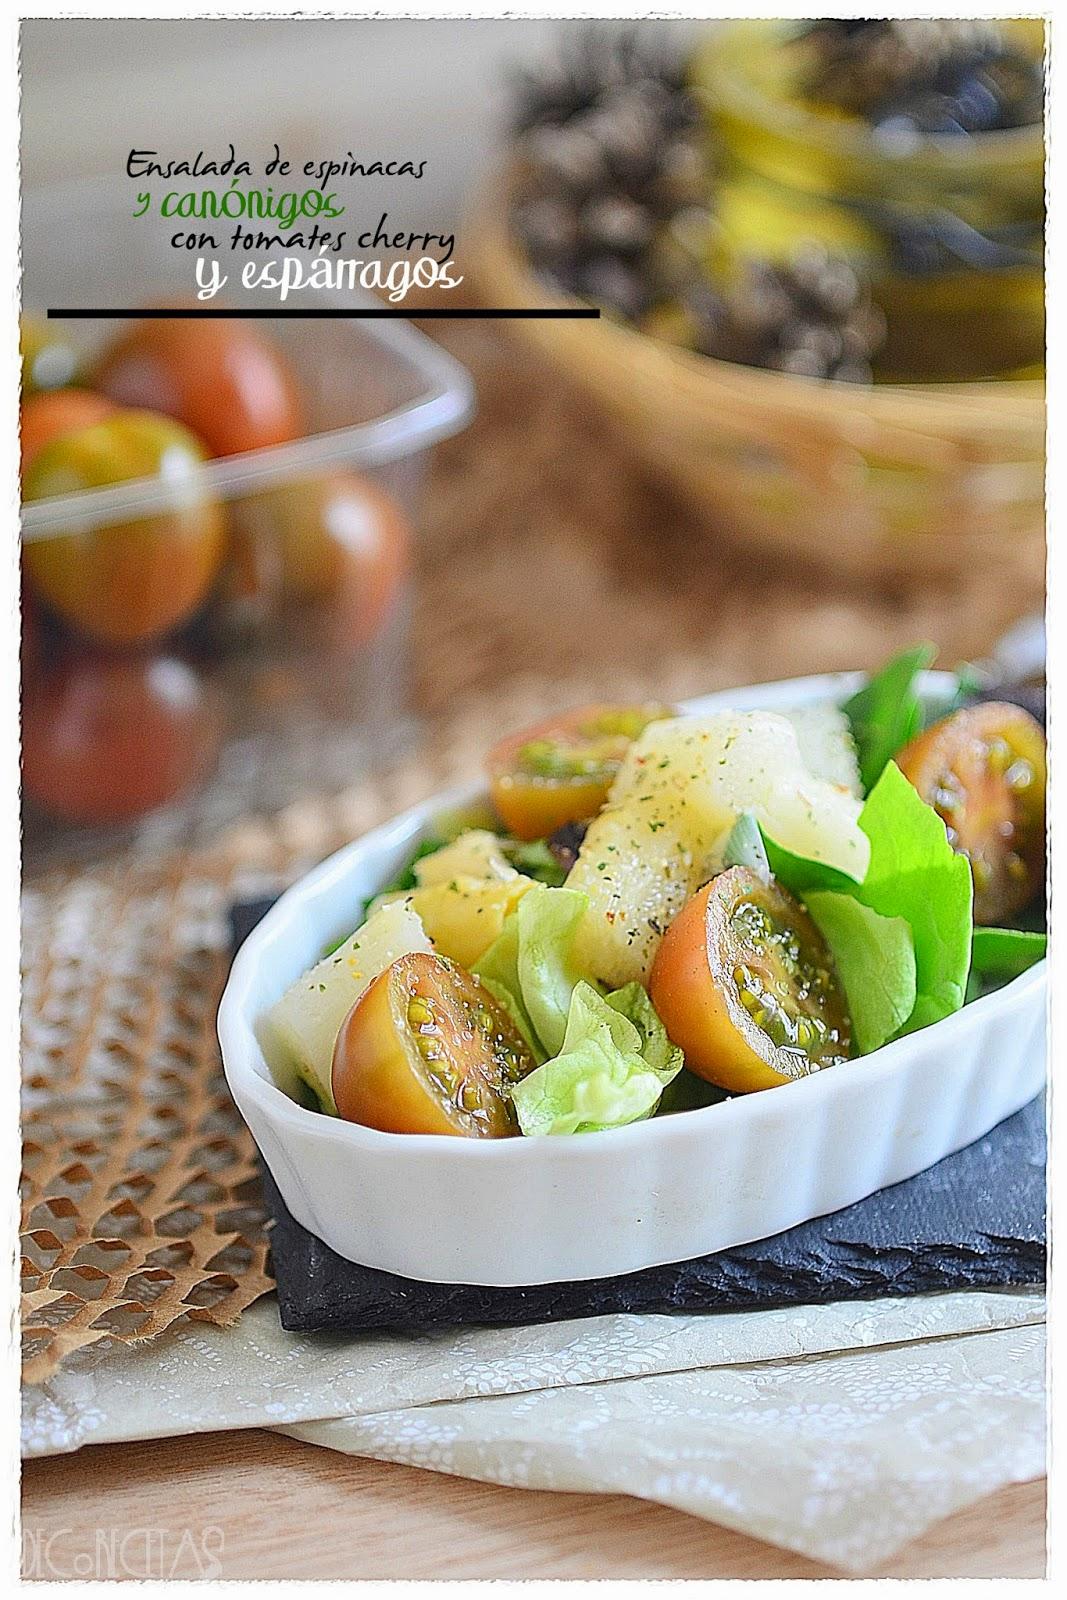 Ensalada de espinacas y canónigos con tomates cherry y espárragos